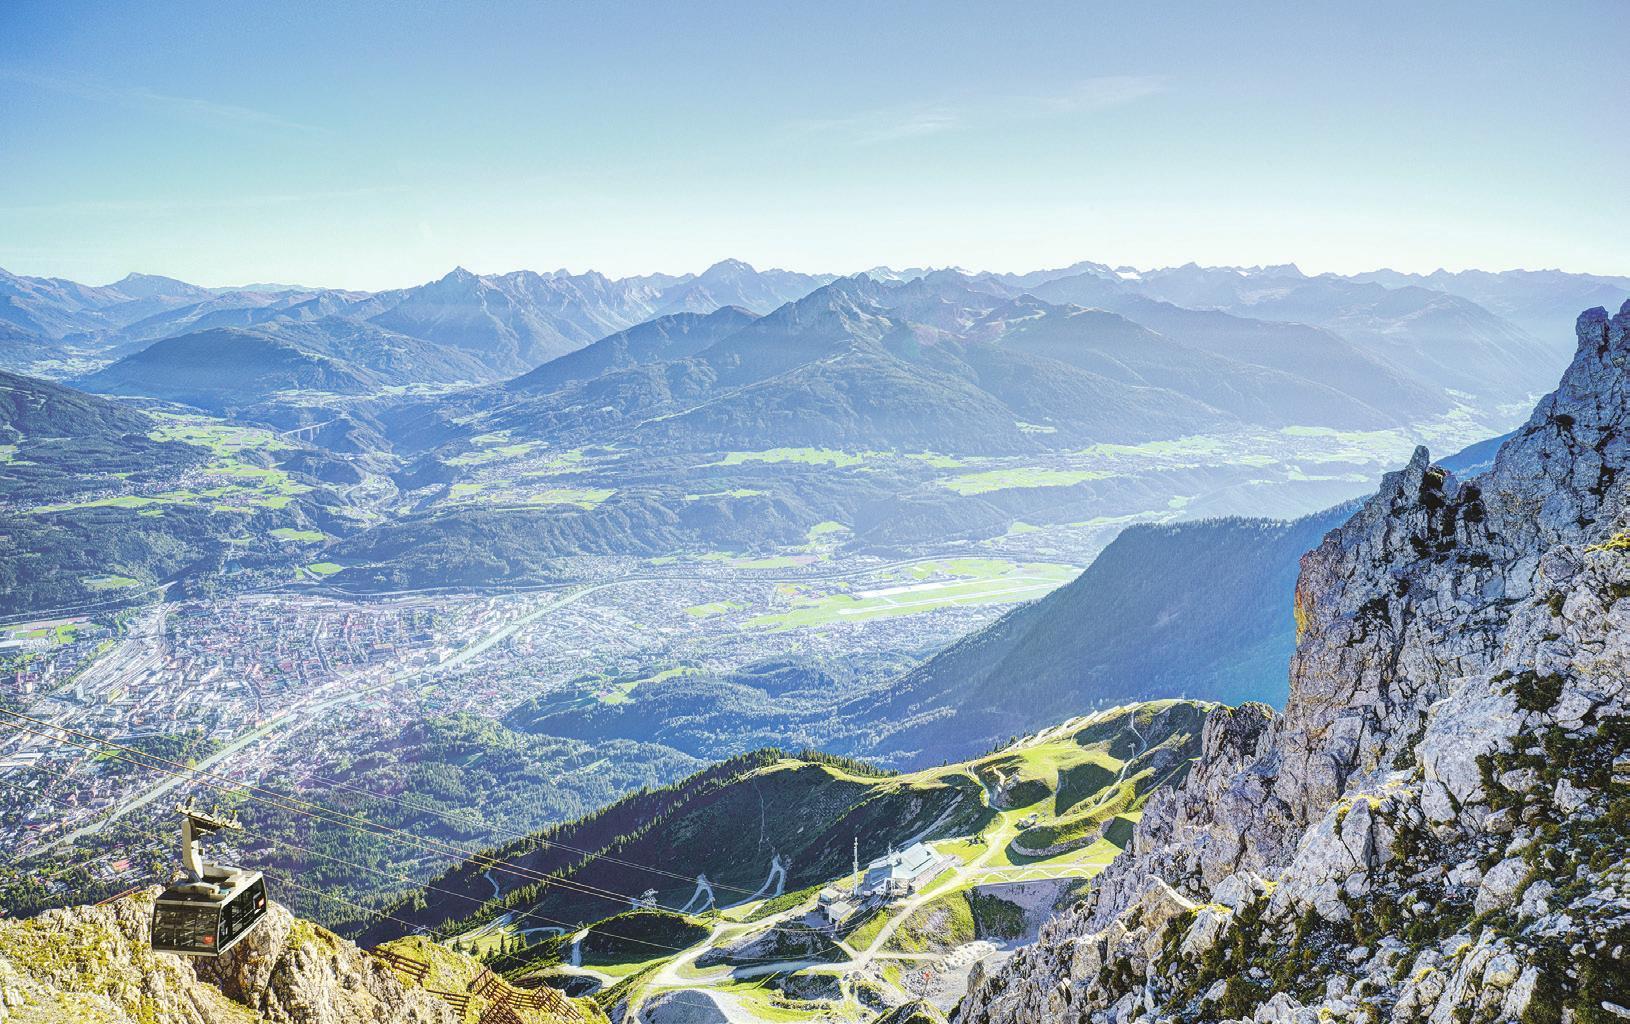 Urlaub in der Region Innsbruck Image 8